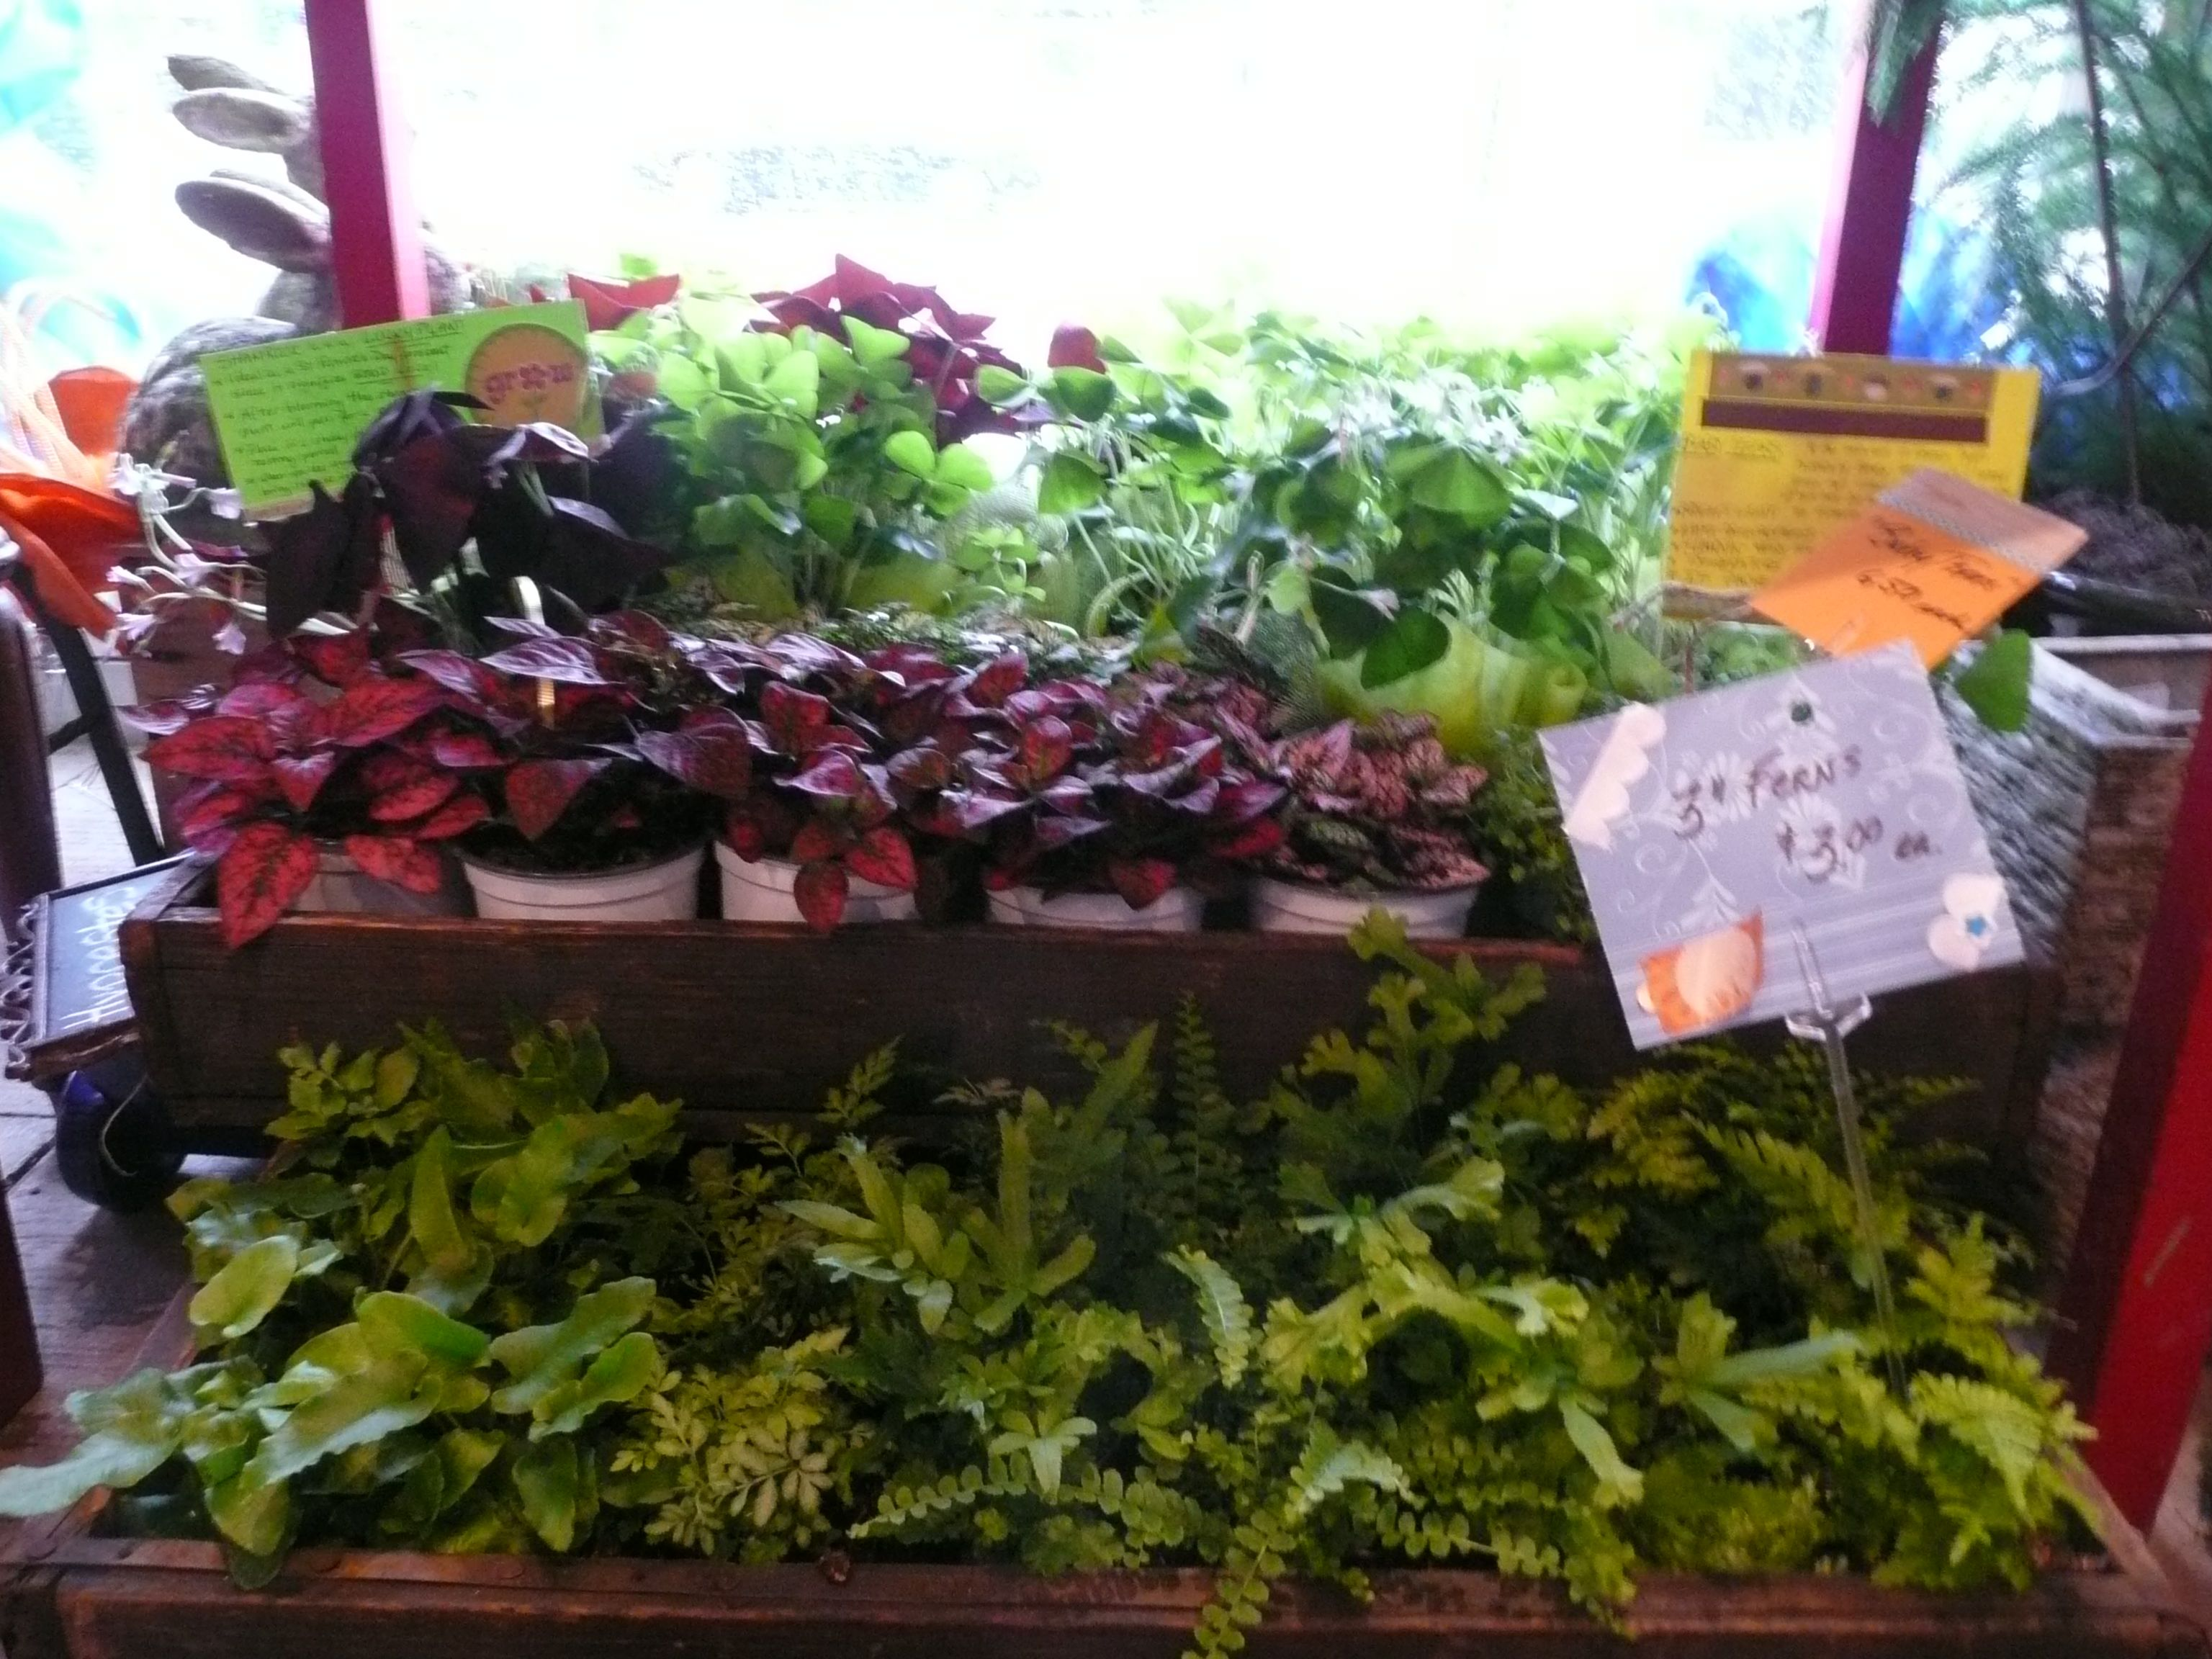 polka dot plant, ferns and shamrocks